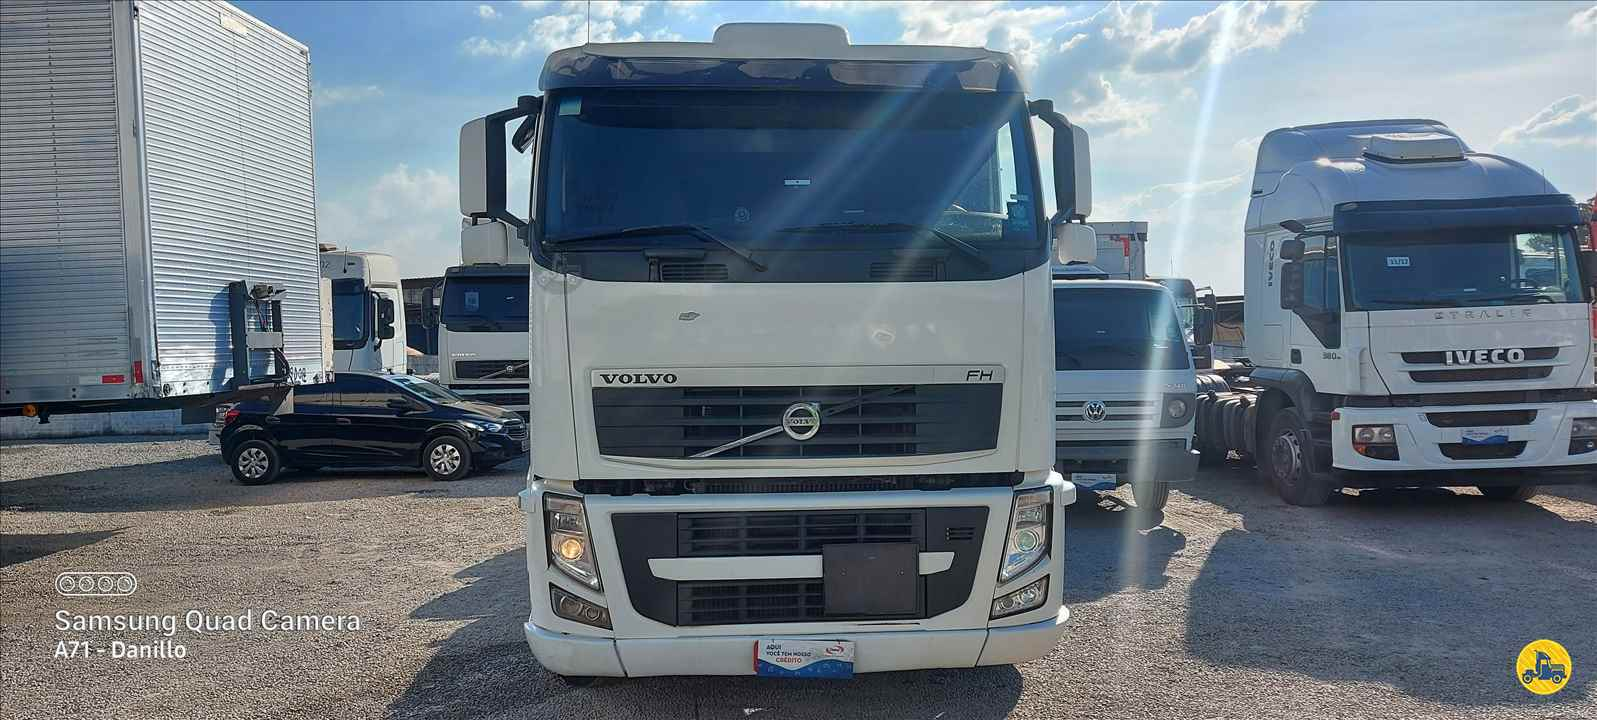 CAMINHAO VOLVO VOLVO FH 400 Cavalo Mecânico Truck 6x2 13 de Maio Caminhões BETIM MINAS GERAIS MG